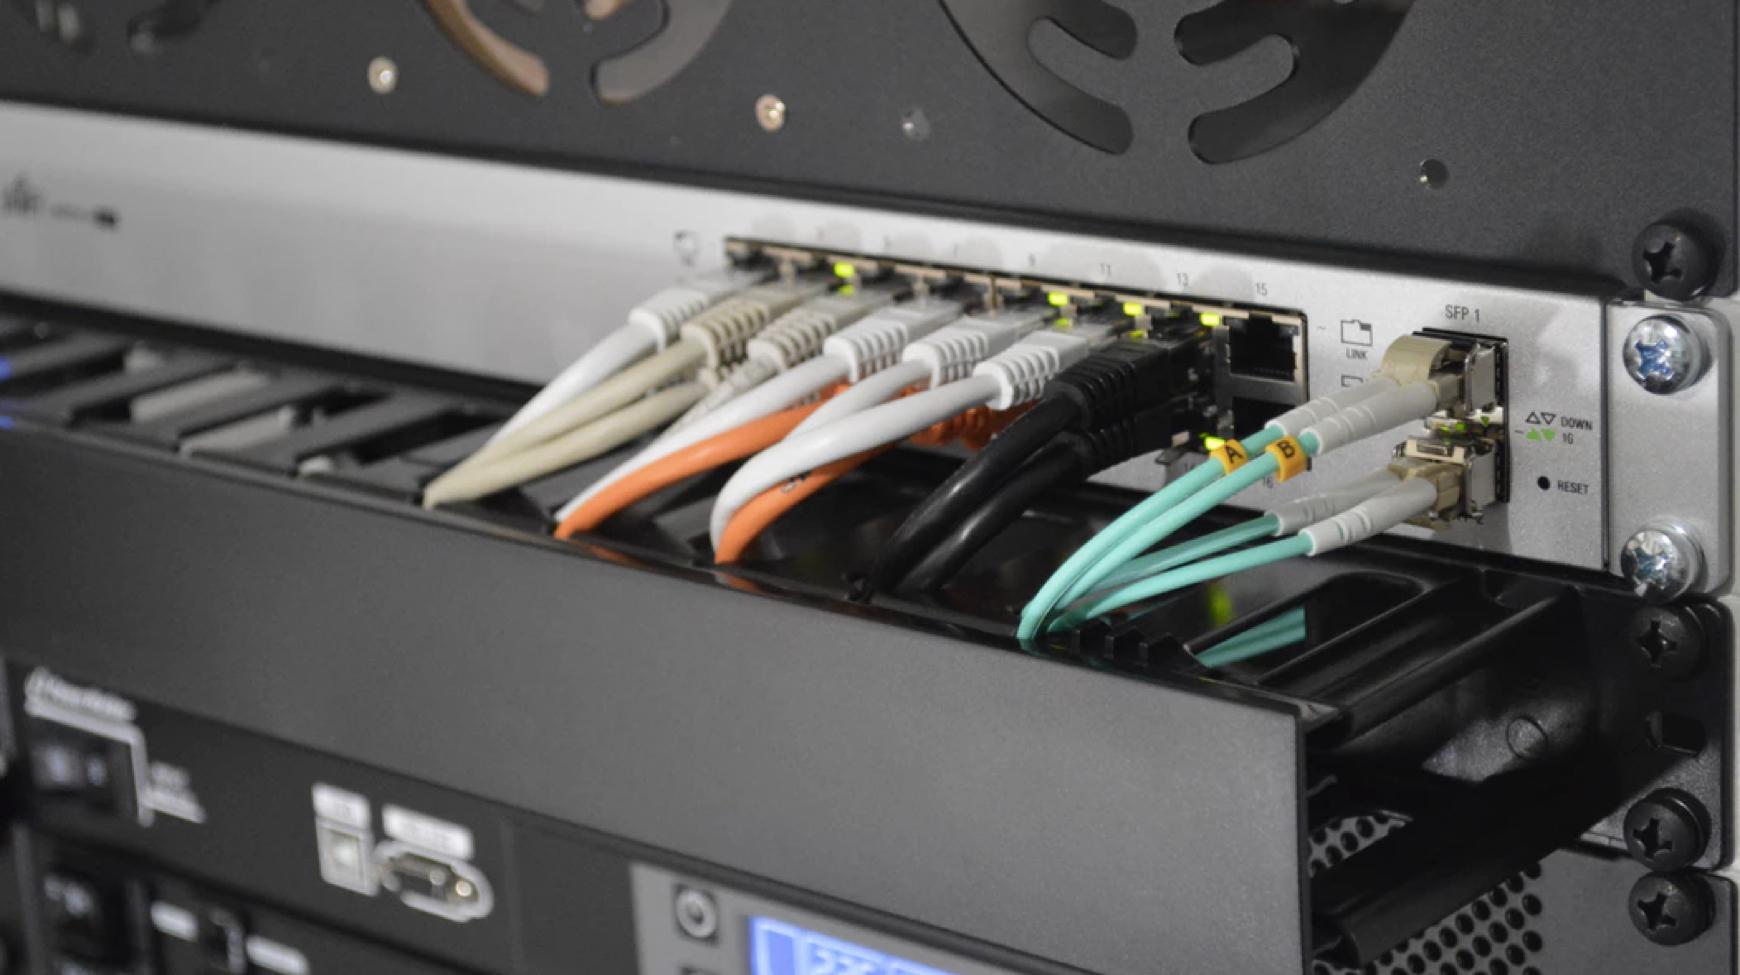 ¿Sabes cómo funciona cada puerto serie de tu ordenador?